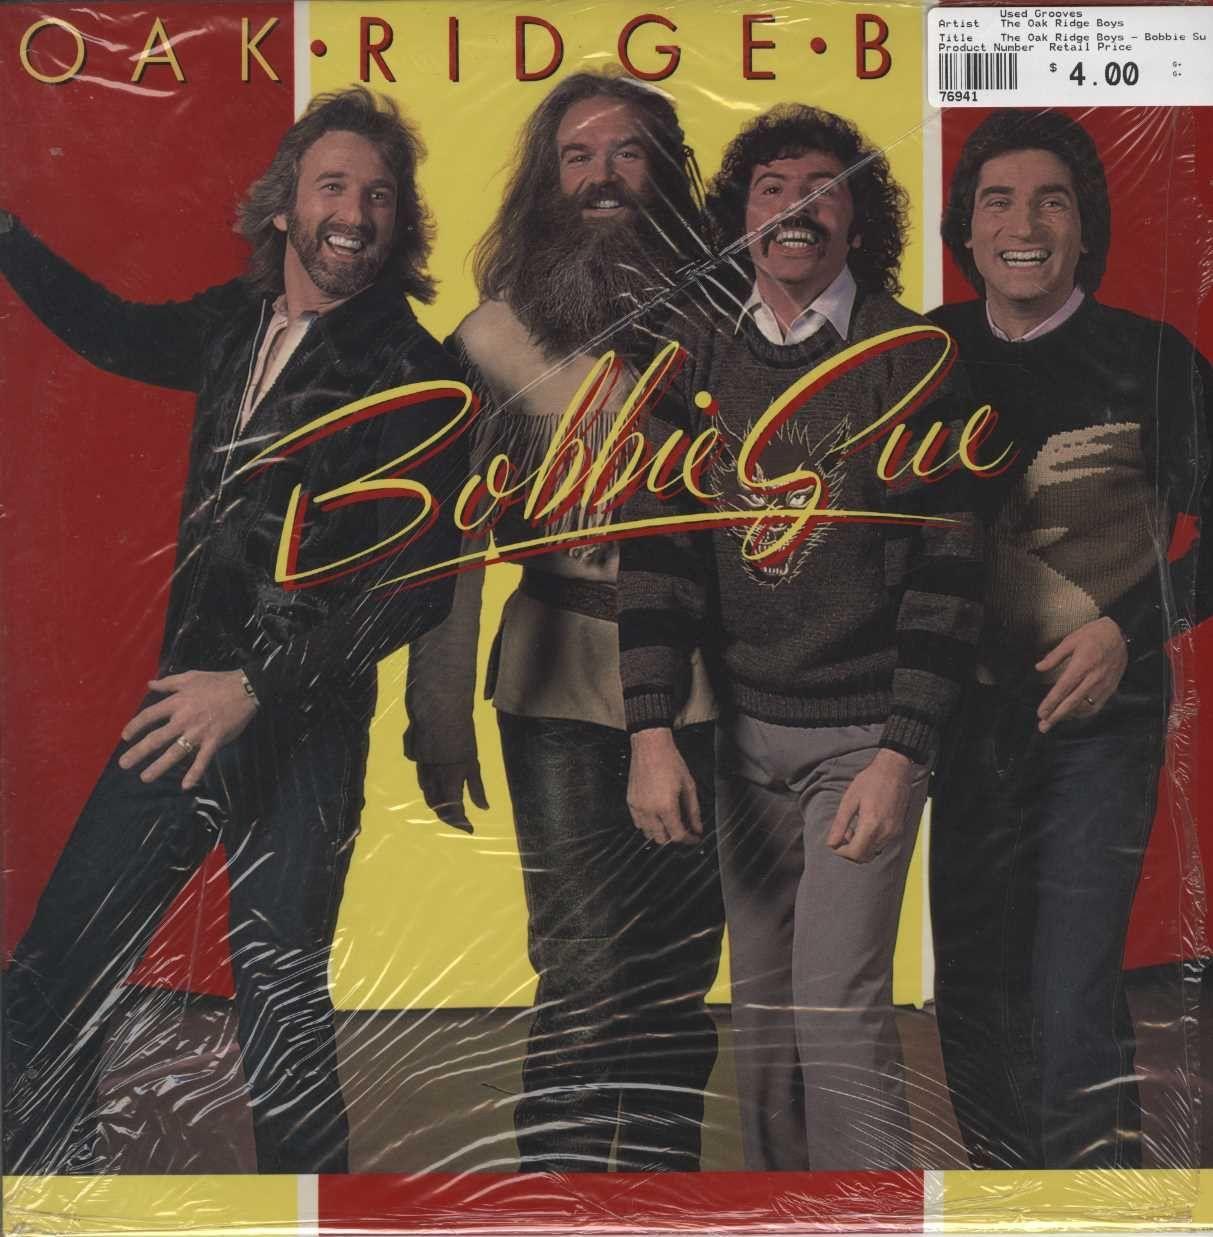 The Oak Ridge Boys - Bobbie Sue | Oak ridge and Products